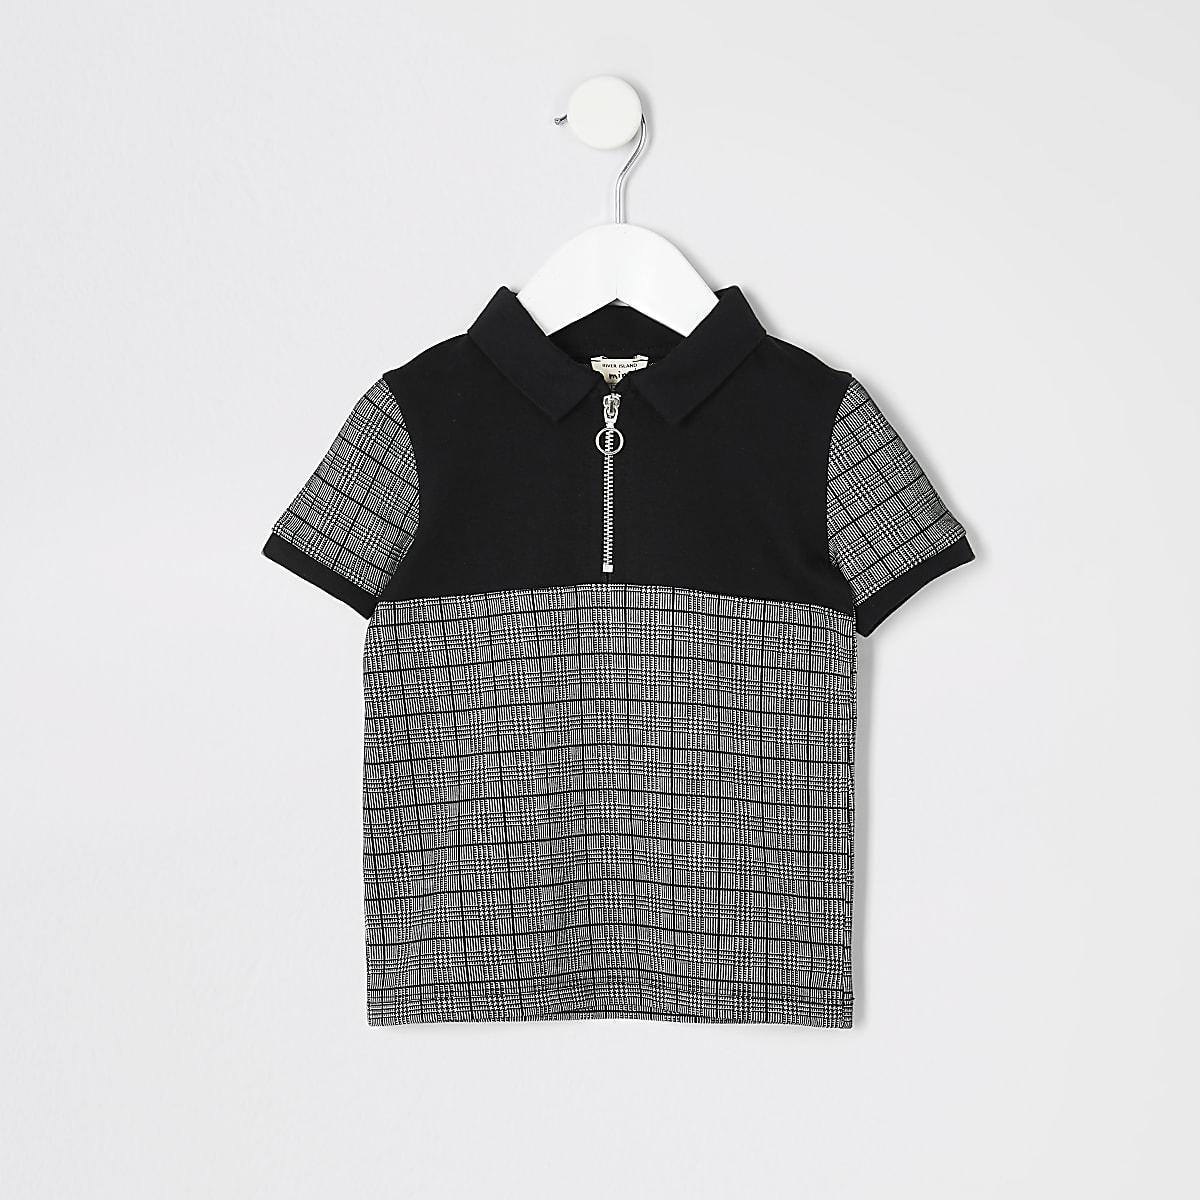 Mini - Geruit zwart poloshirt met ritsje bij de hals voor jongens